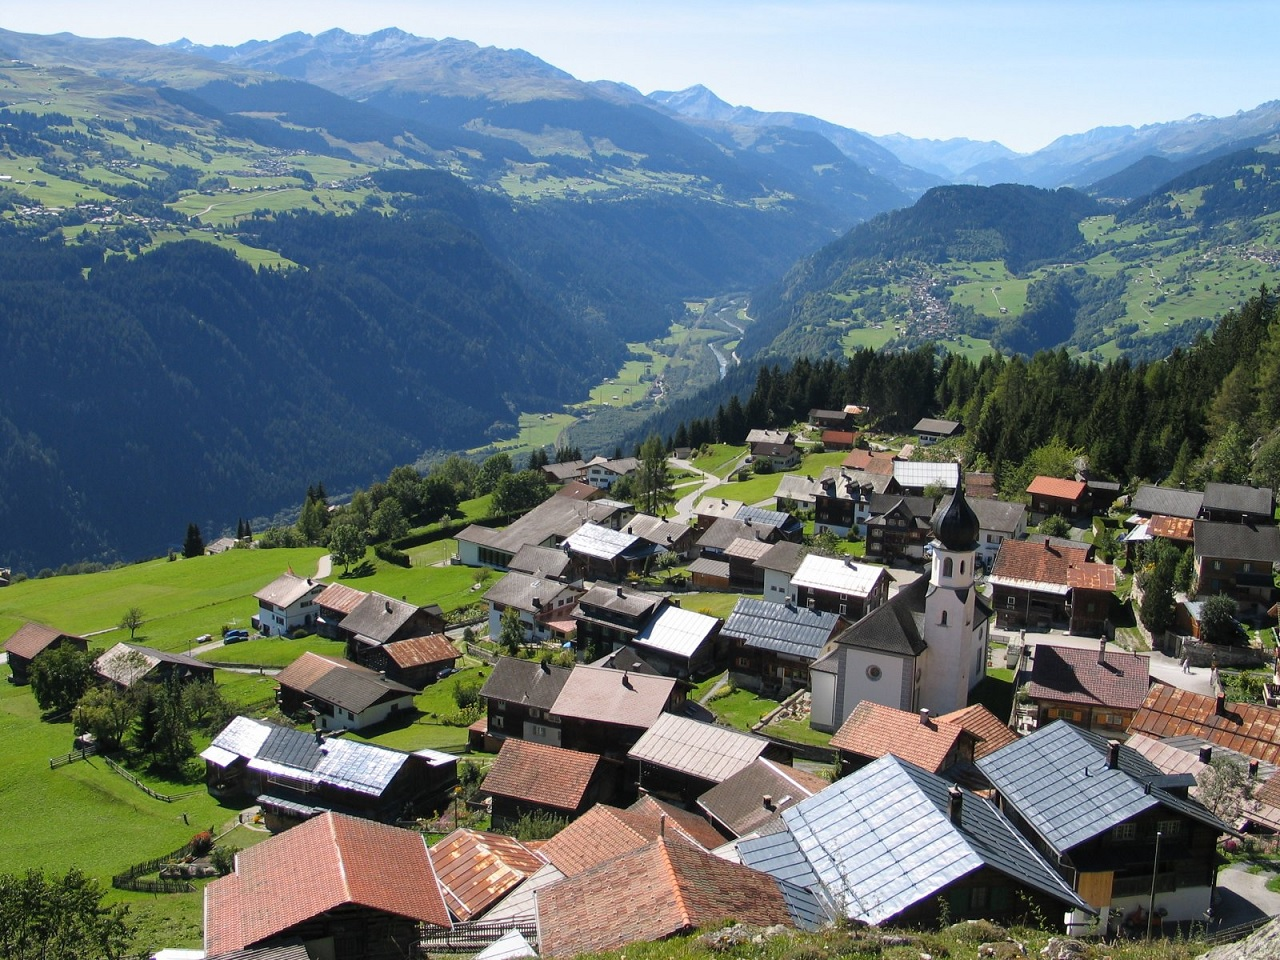 Svájcban népszavaztak arról, tiltsák-e az építési területek bővítését a városokban